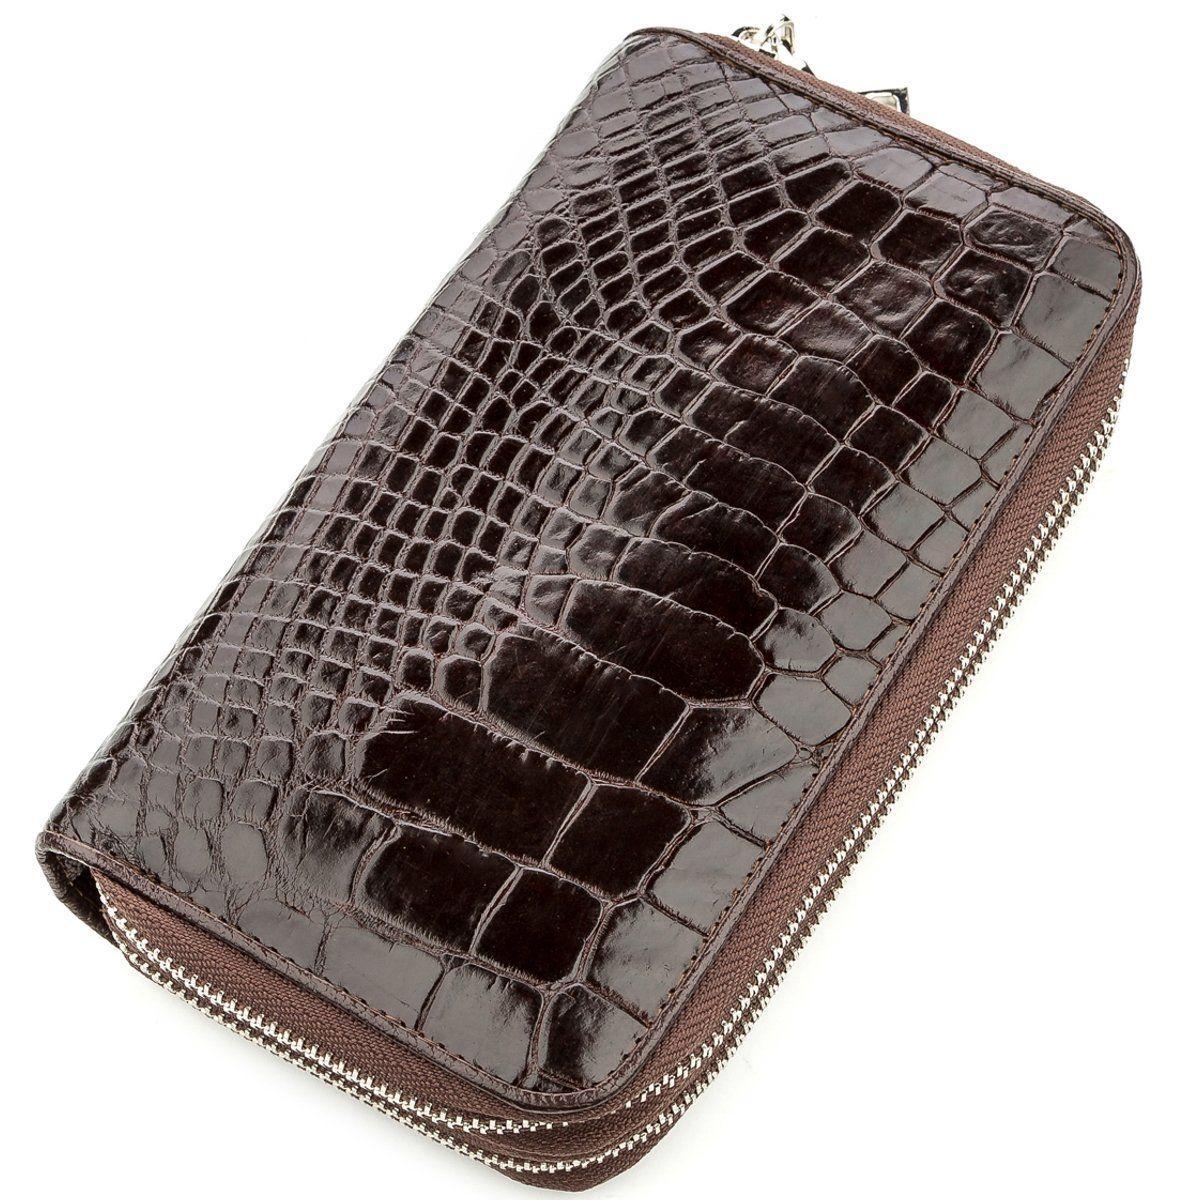 Клатч чоловічий Ekzotic Leather з натуральної шкіри крокодила Коричневий (cb 26)